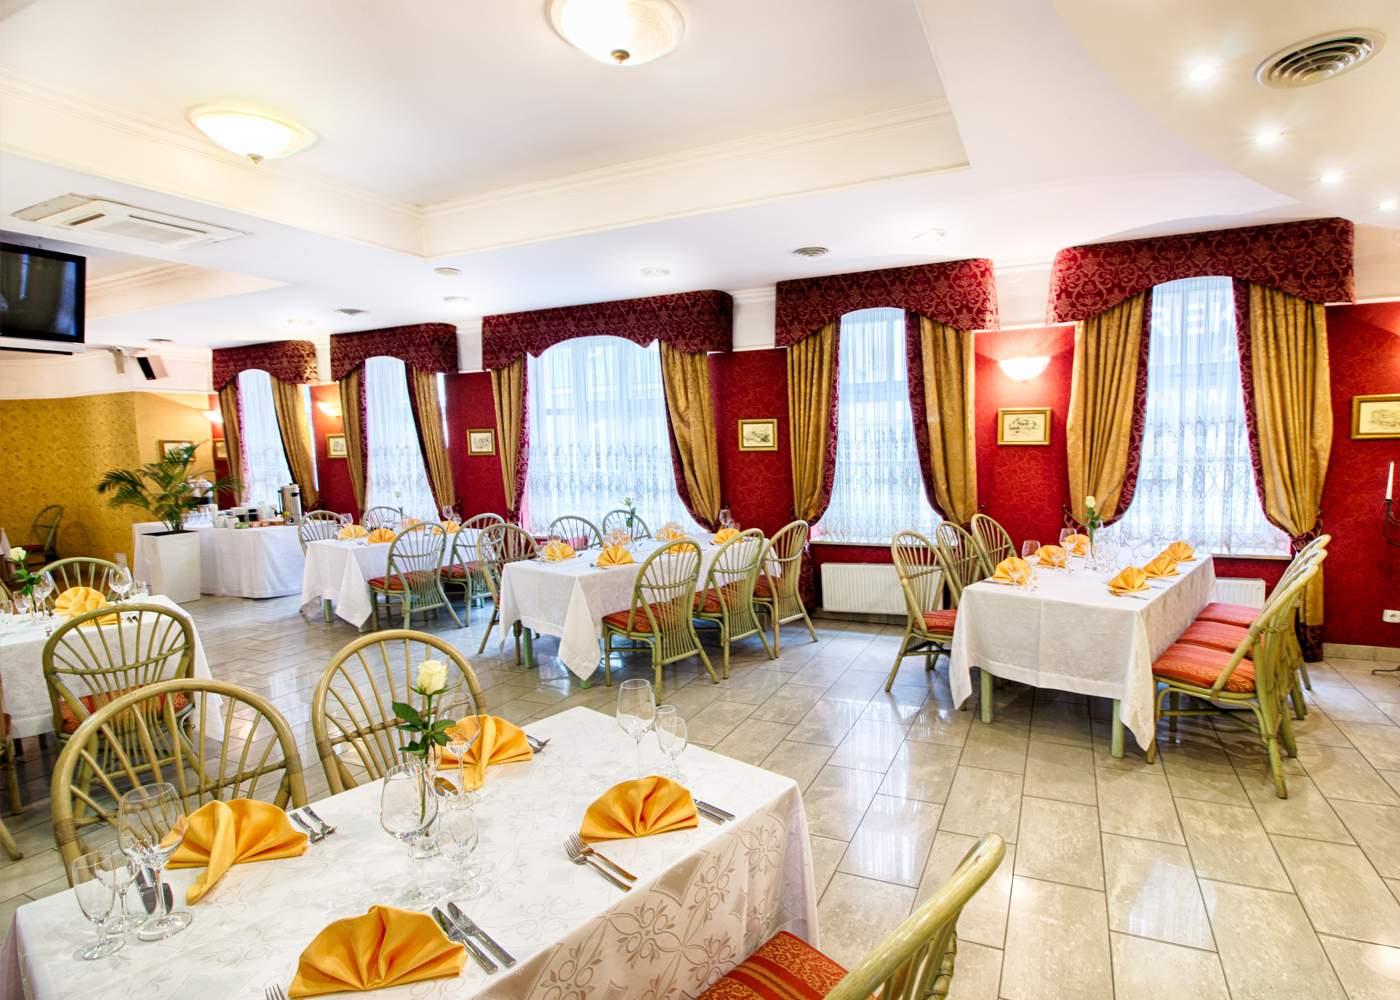 galeria  Restauracja zdjęcie 5